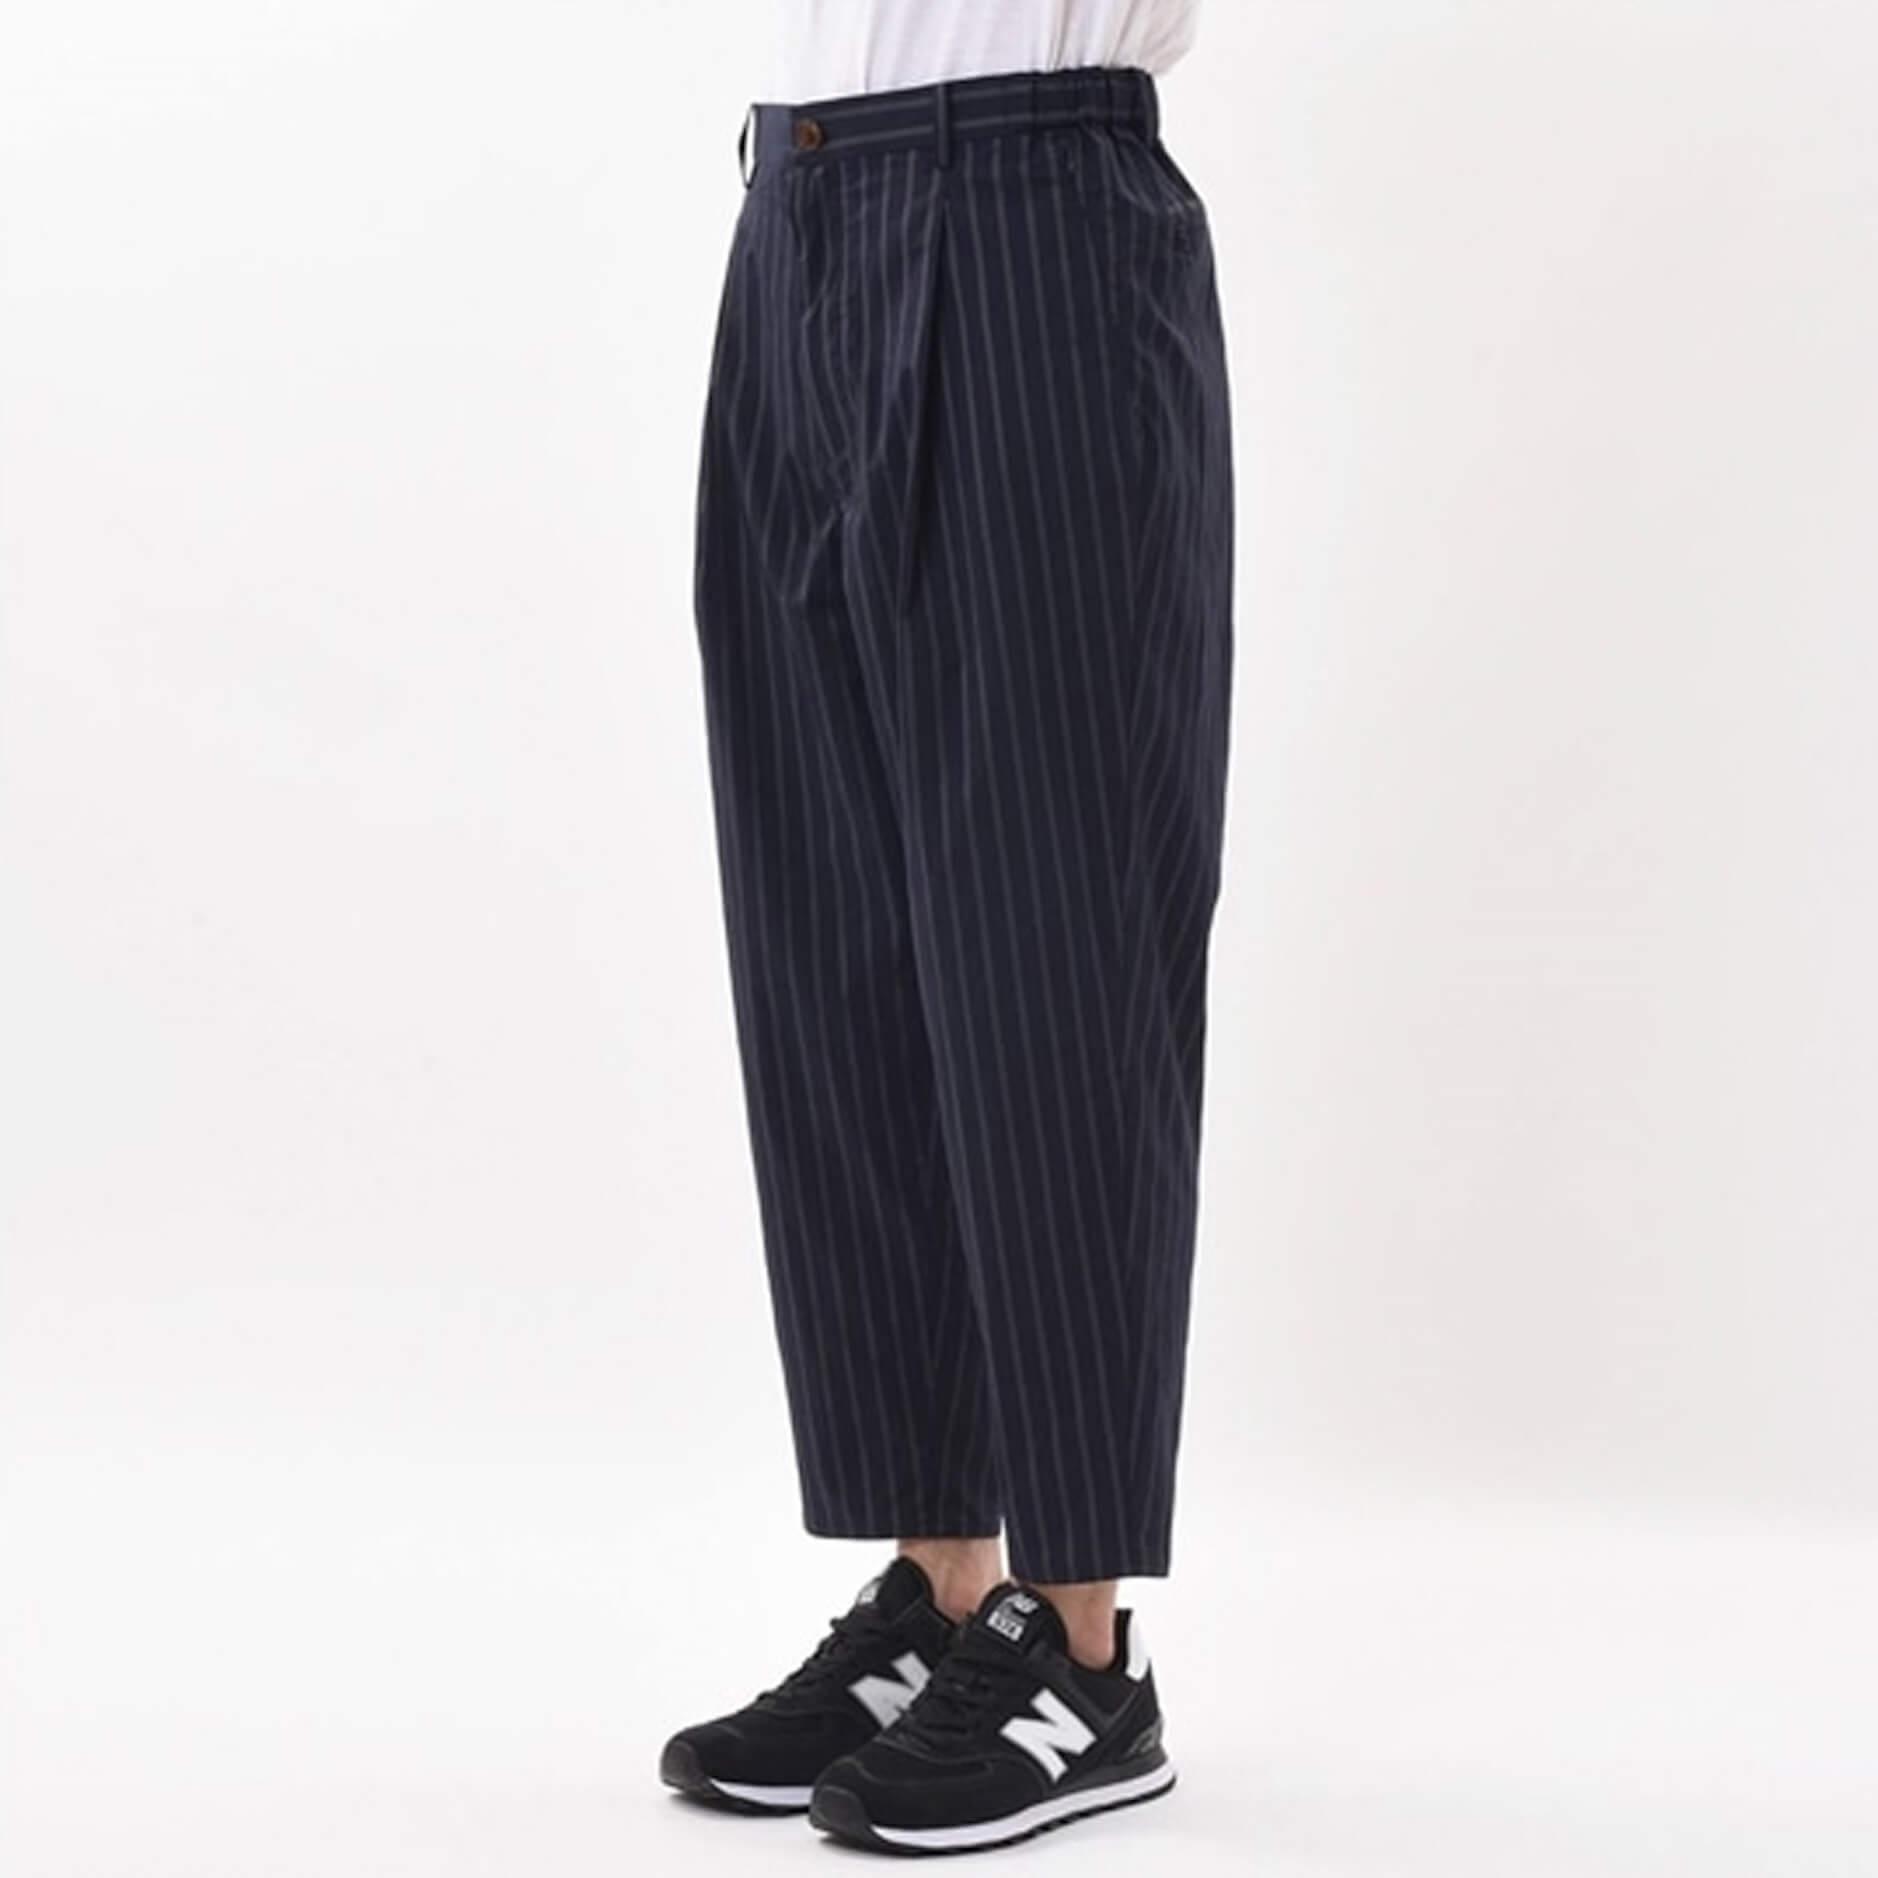 ニューバランス公式オンラインストアにて全品30%オフの『CYBER SALE』が開催!人気の996シリーズやアパレルコレクションがラインナップ fashion20121_newbalance_sale_6